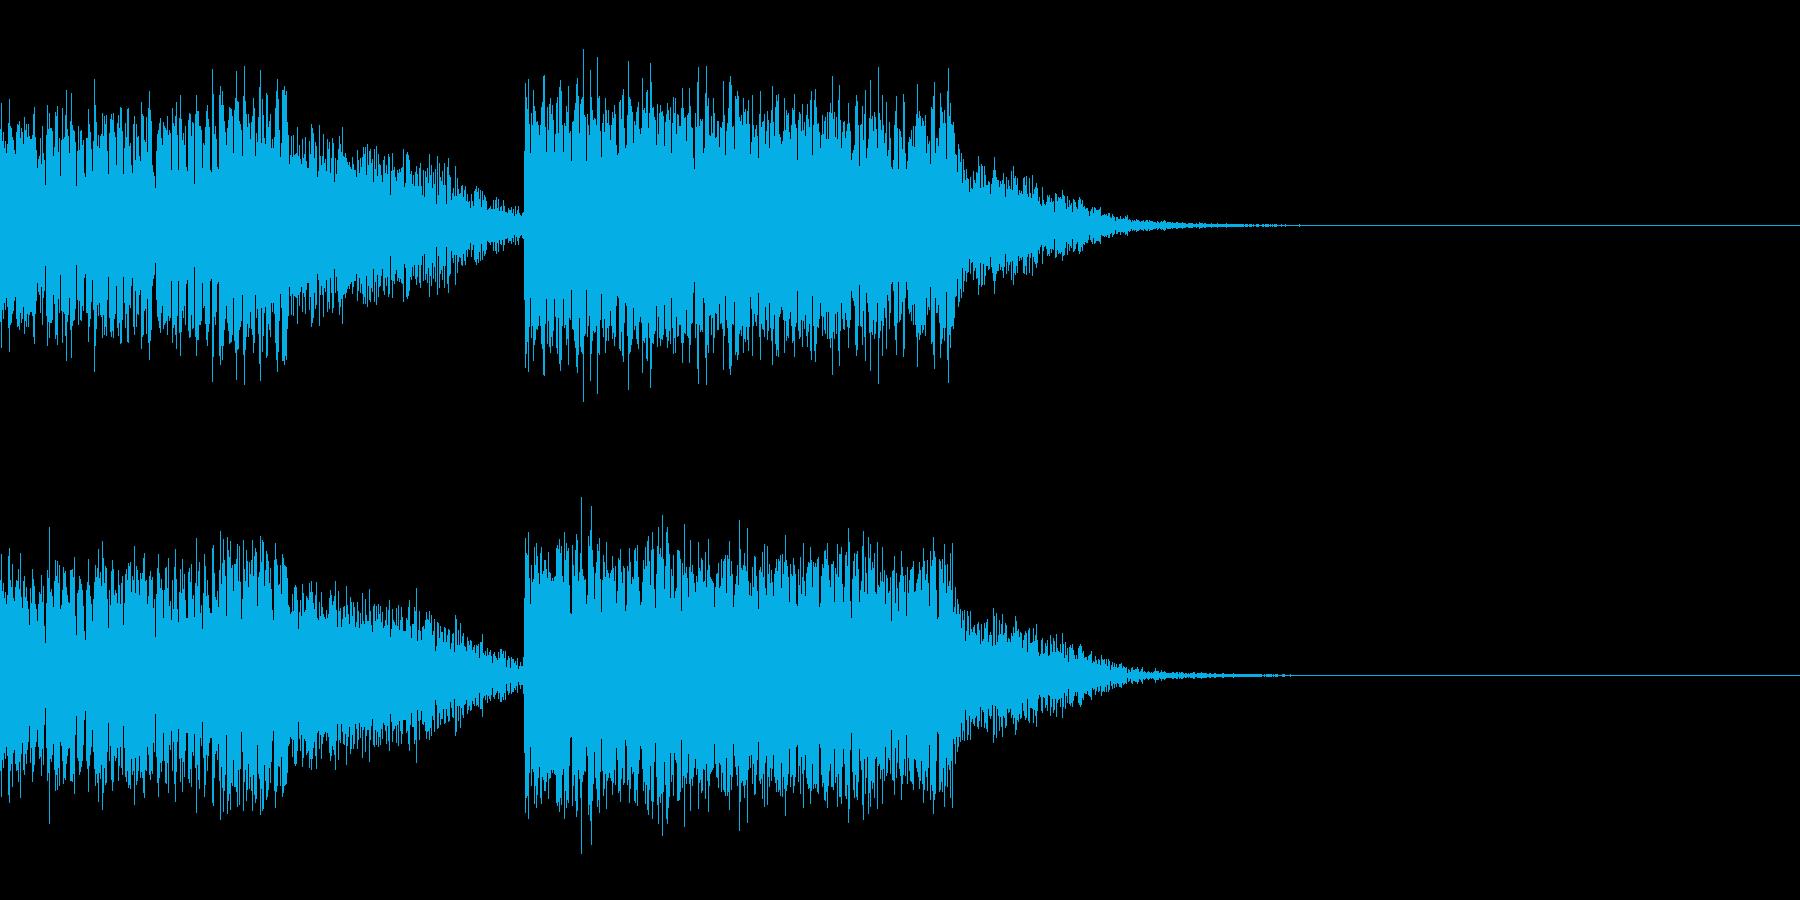 スパーク音-01の再生済みの波形